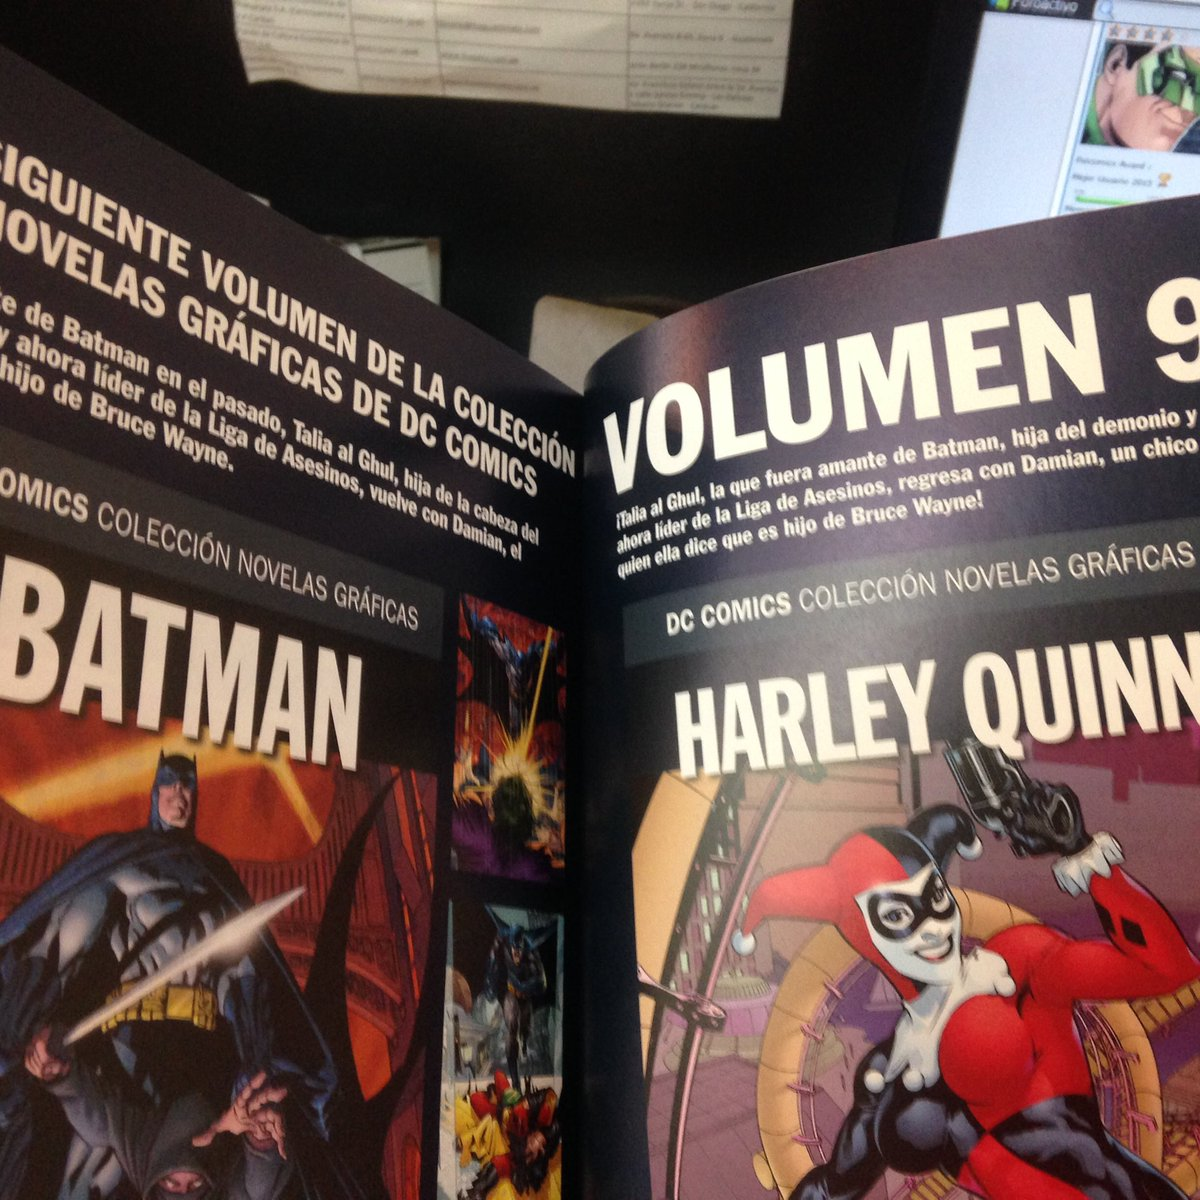 [DC - Salvat] La Colección de Novelas Gráficas de DC Comics  - Página 23 Cw18YXcXAAICwOb